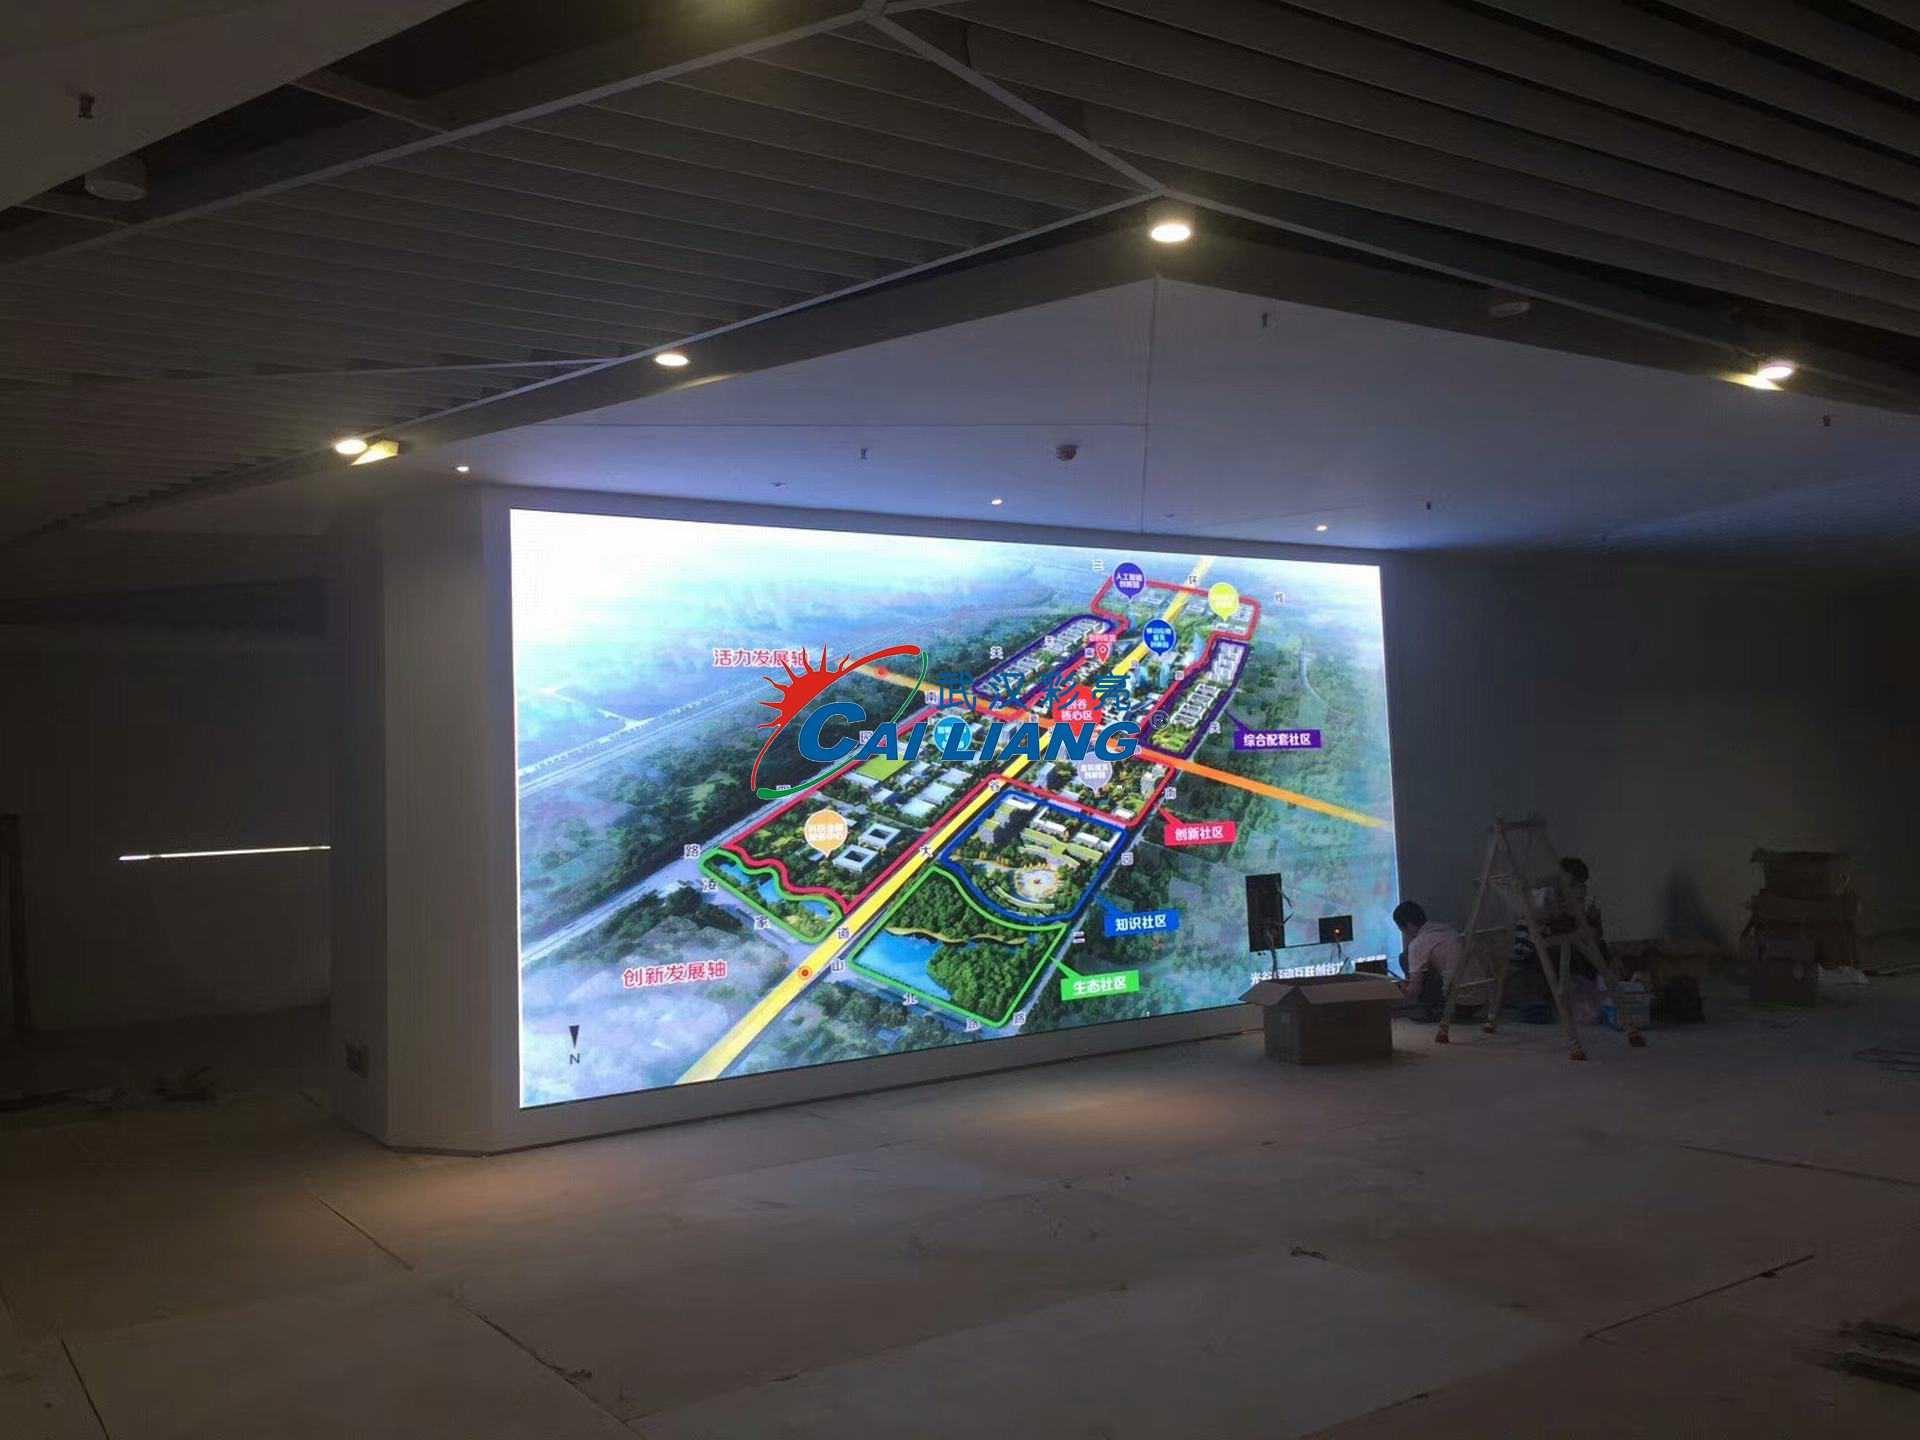 P1.875小间距及室内P2.5全彩LED显示屏(图2)